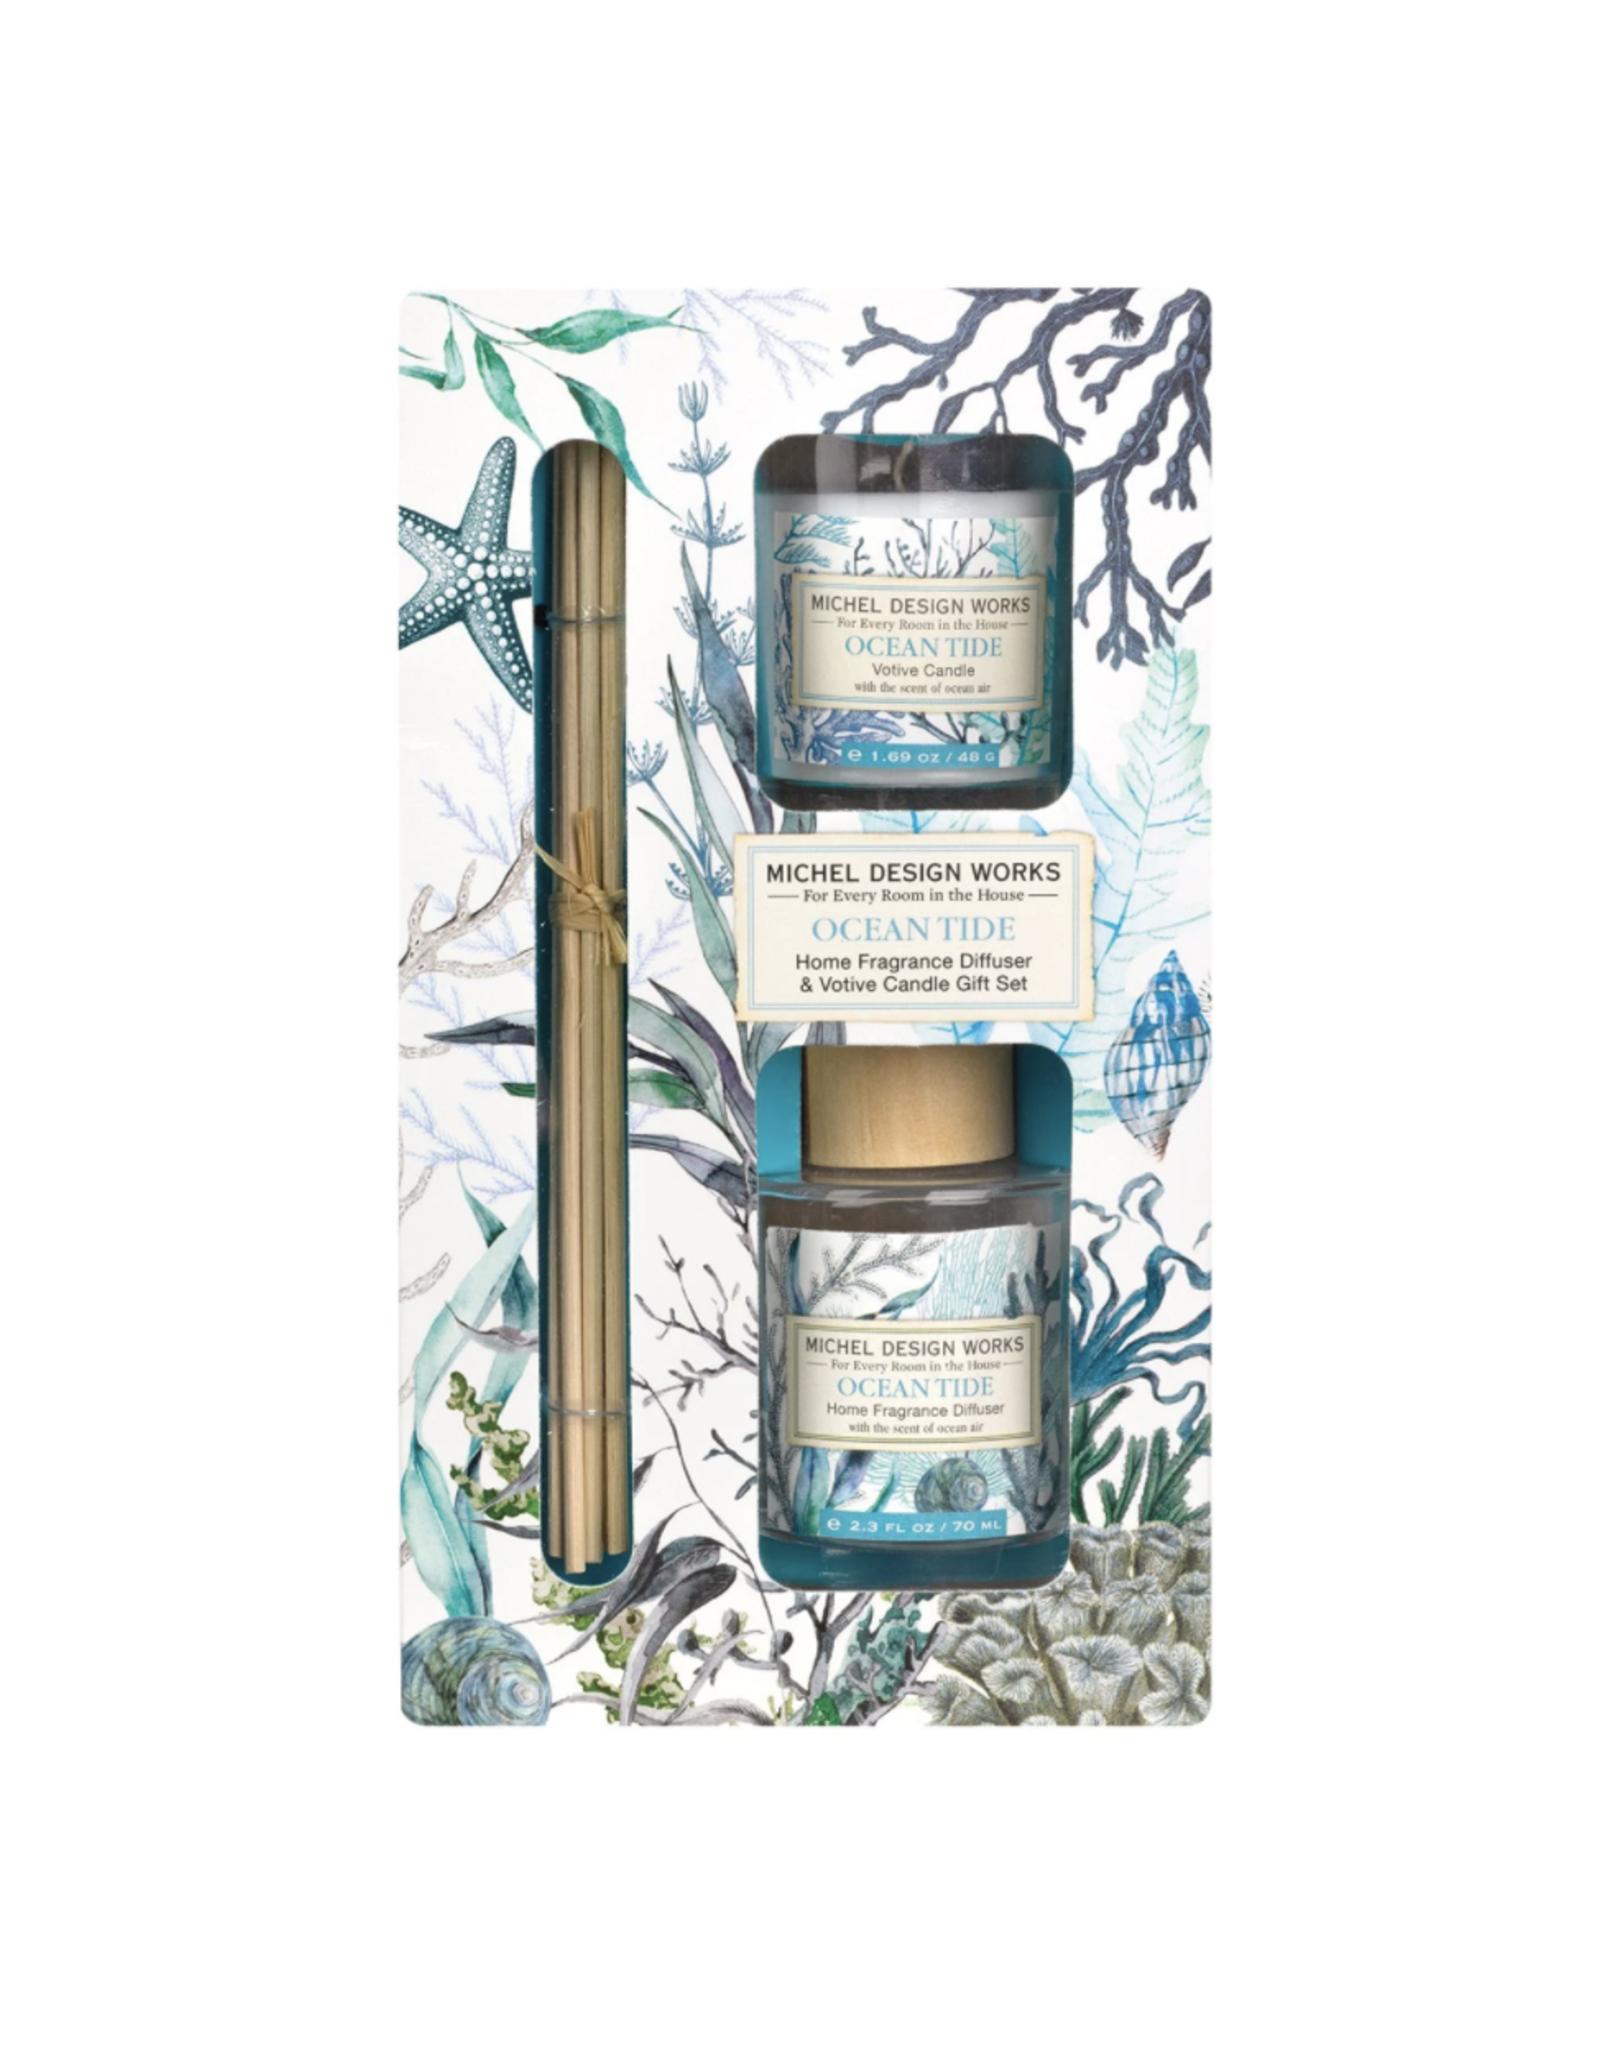 Michel Design Works Michel Design Works - Ocean Tide Home Fragrance Diffuser & Votive Candle Gift Set